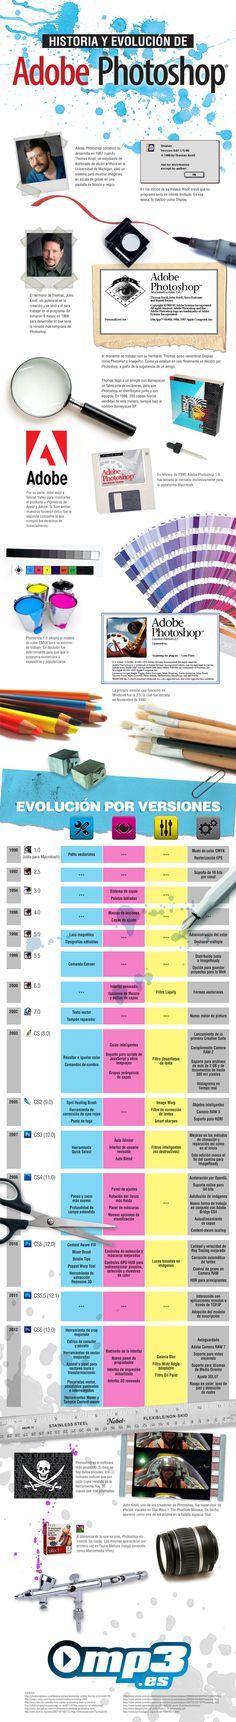 Historia y evolución del Adobe Photoshop #infografia